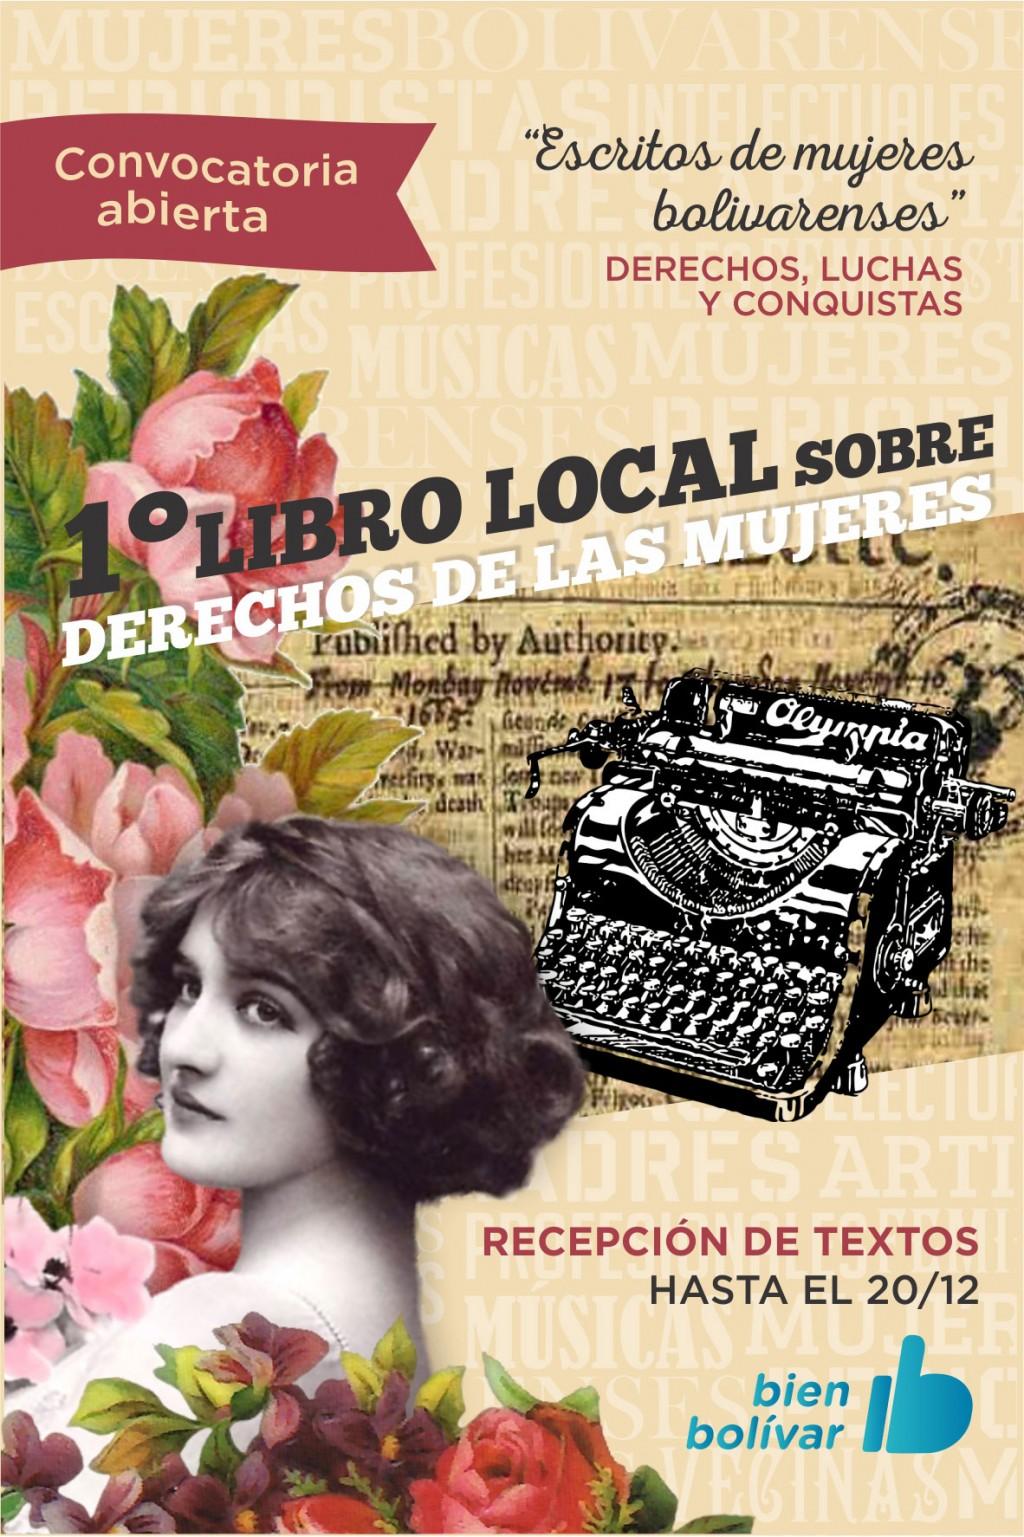 El 20 de diciembre es el último plazo de recepción del libro sobre mujeres